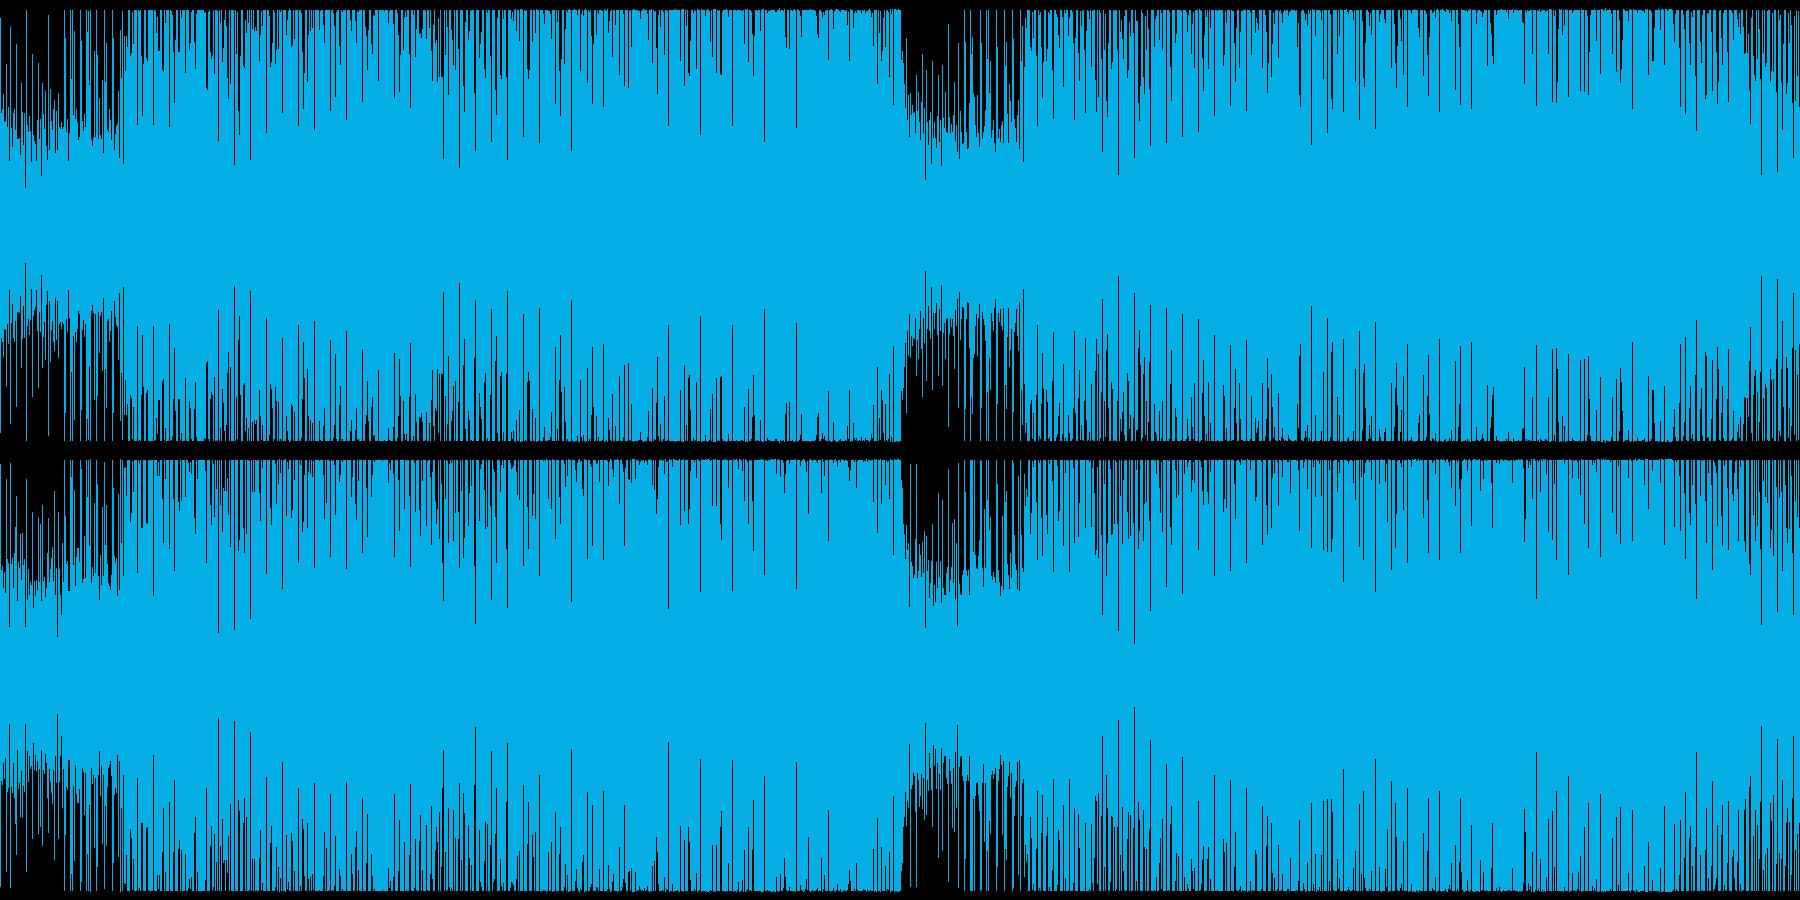 不敵な笑みの怪しくも楽しいハラハラBGMの再生済みの波形